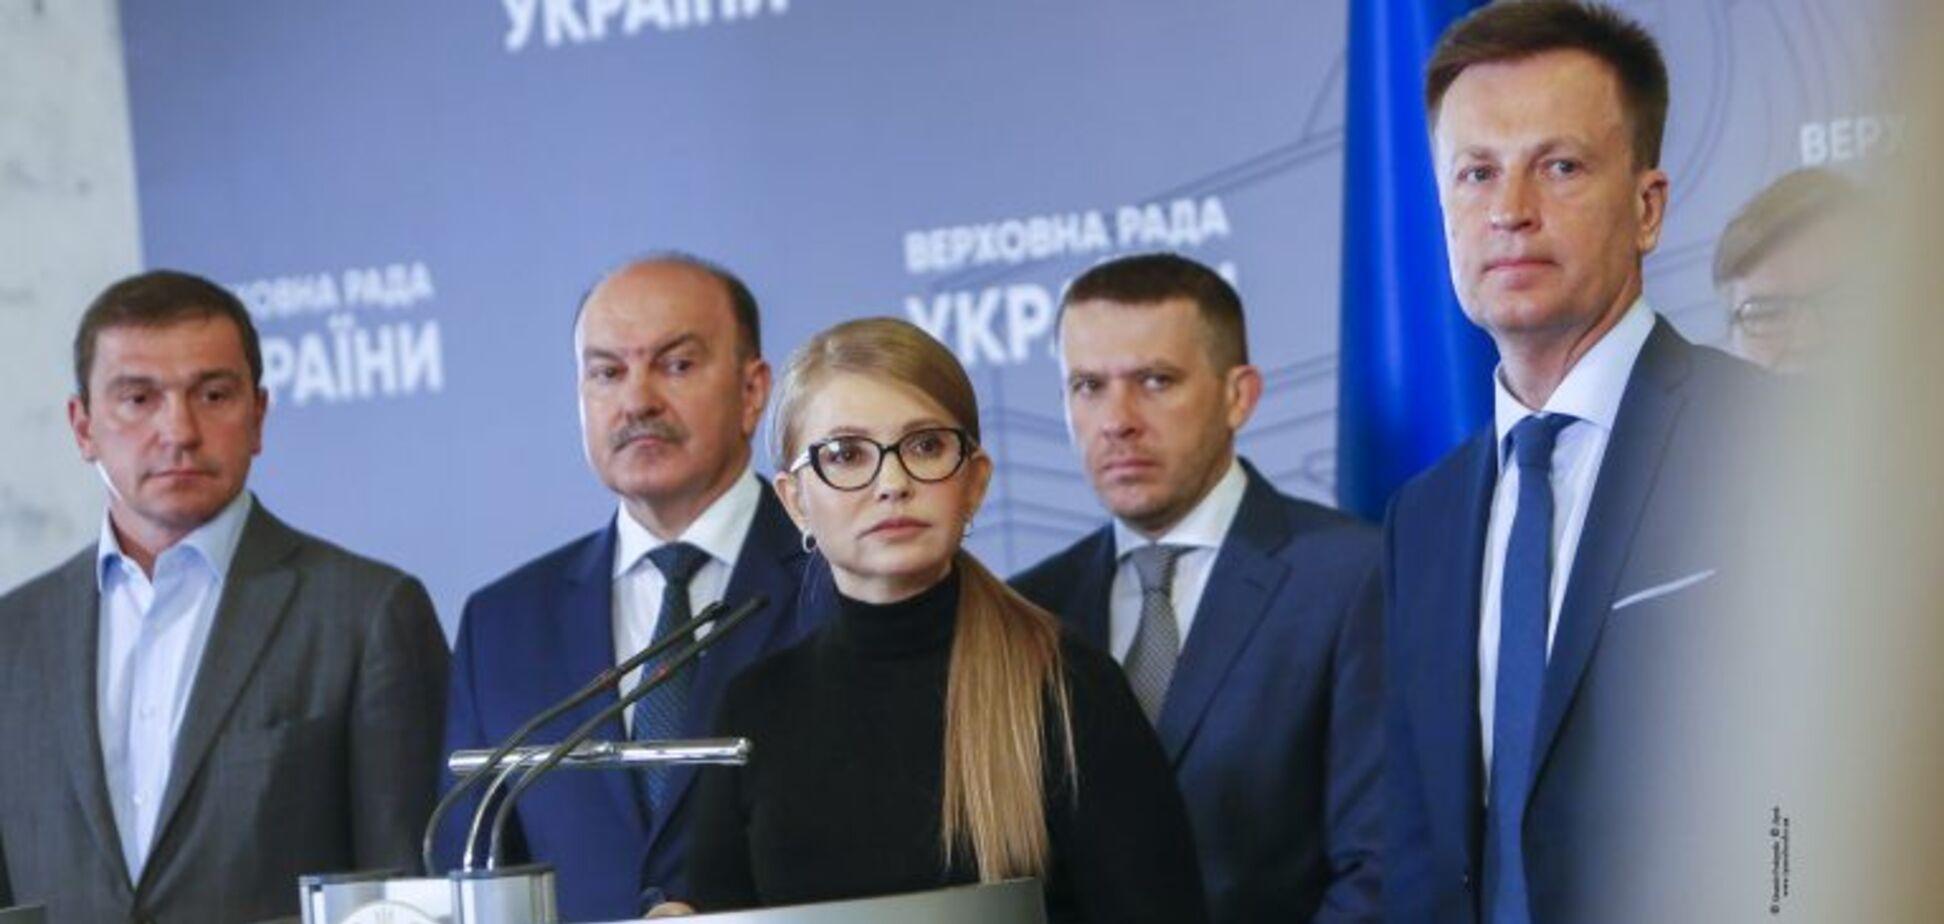 Тимошенко закликала уряд ввести обов'язкове медичне страхування